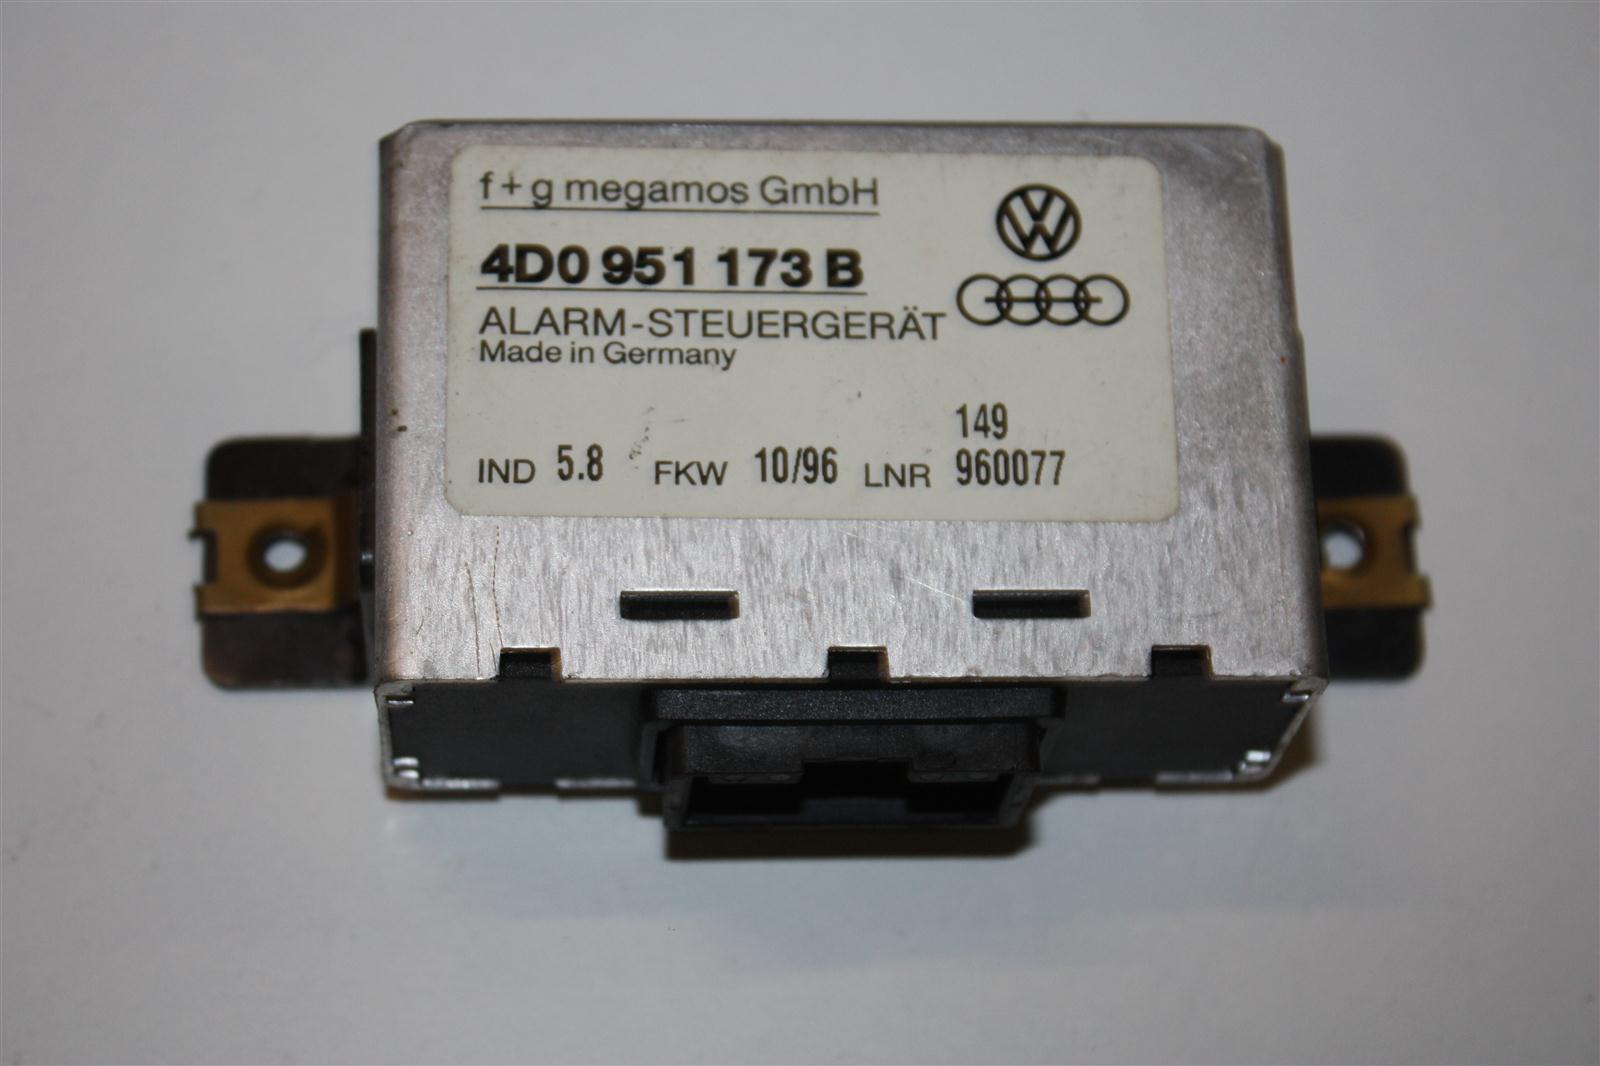 Audi/VW A4/A8 Alarm-Steuergerät 4D0951173B